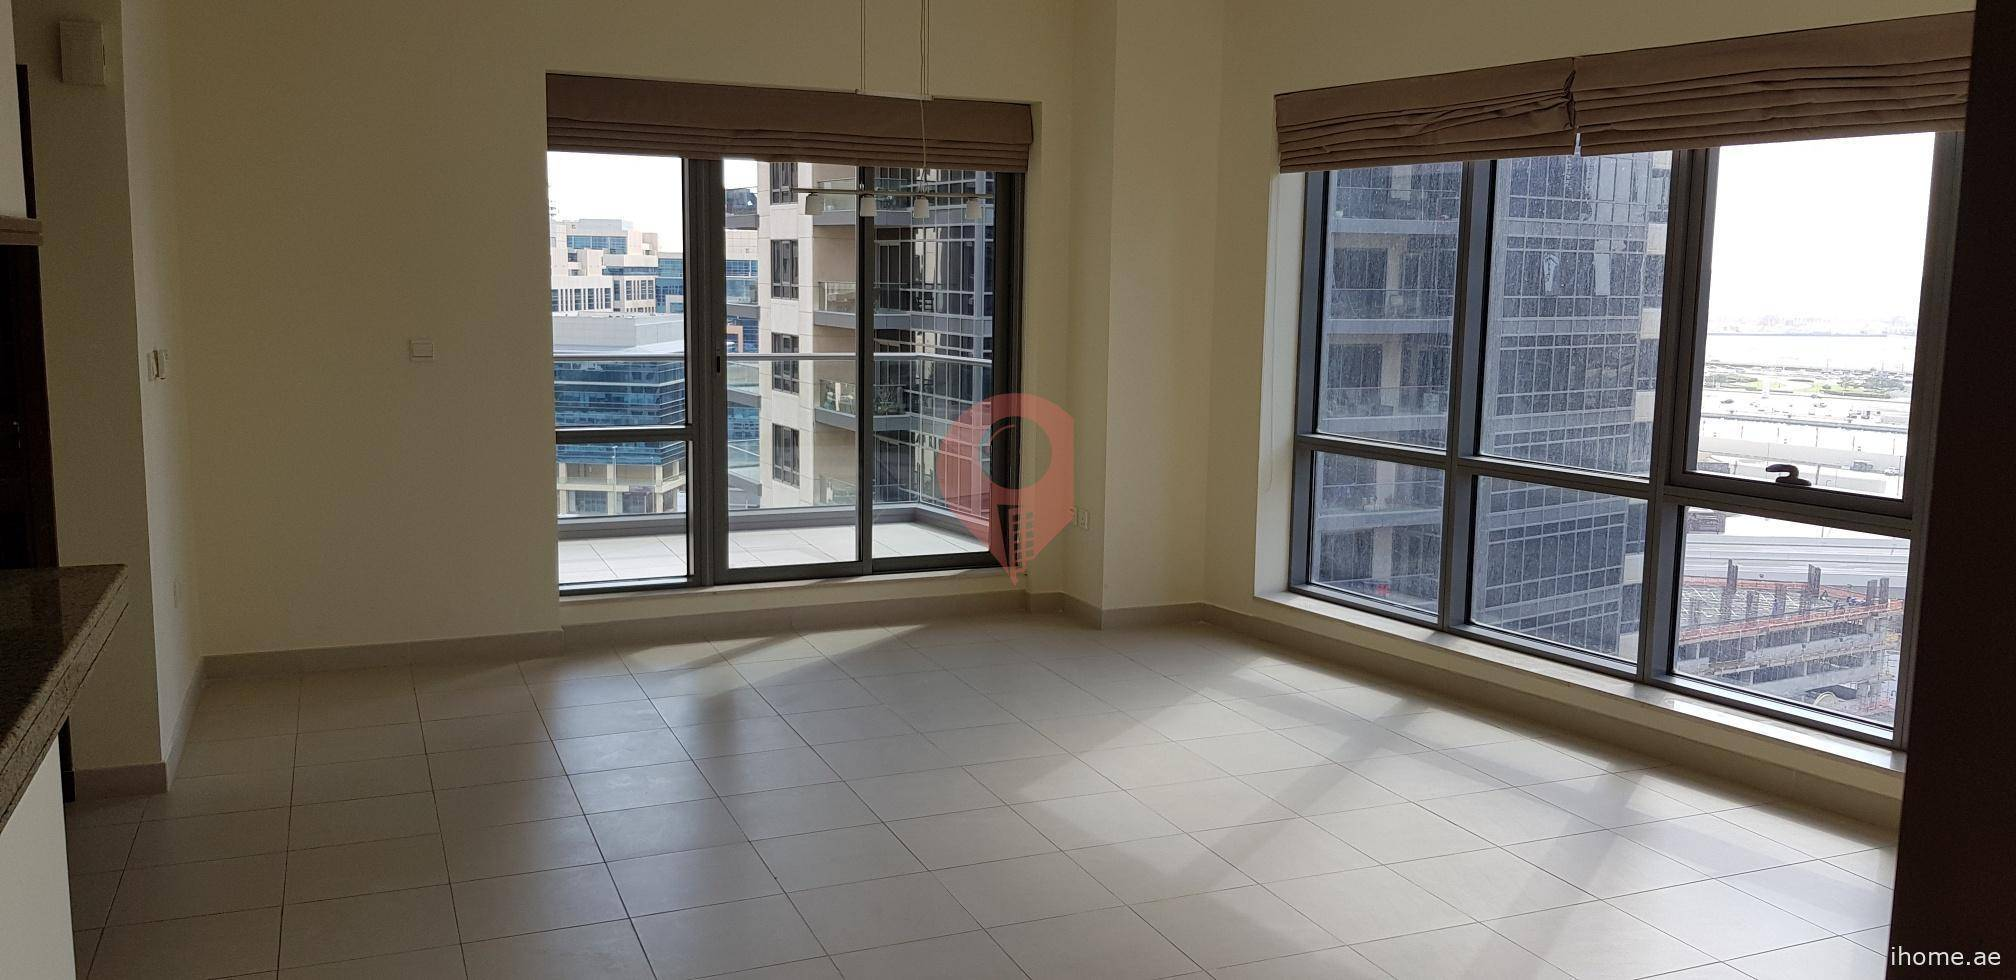 suite 05 South Ridge 1 Downtown Dubai for sale in downtown Dubai